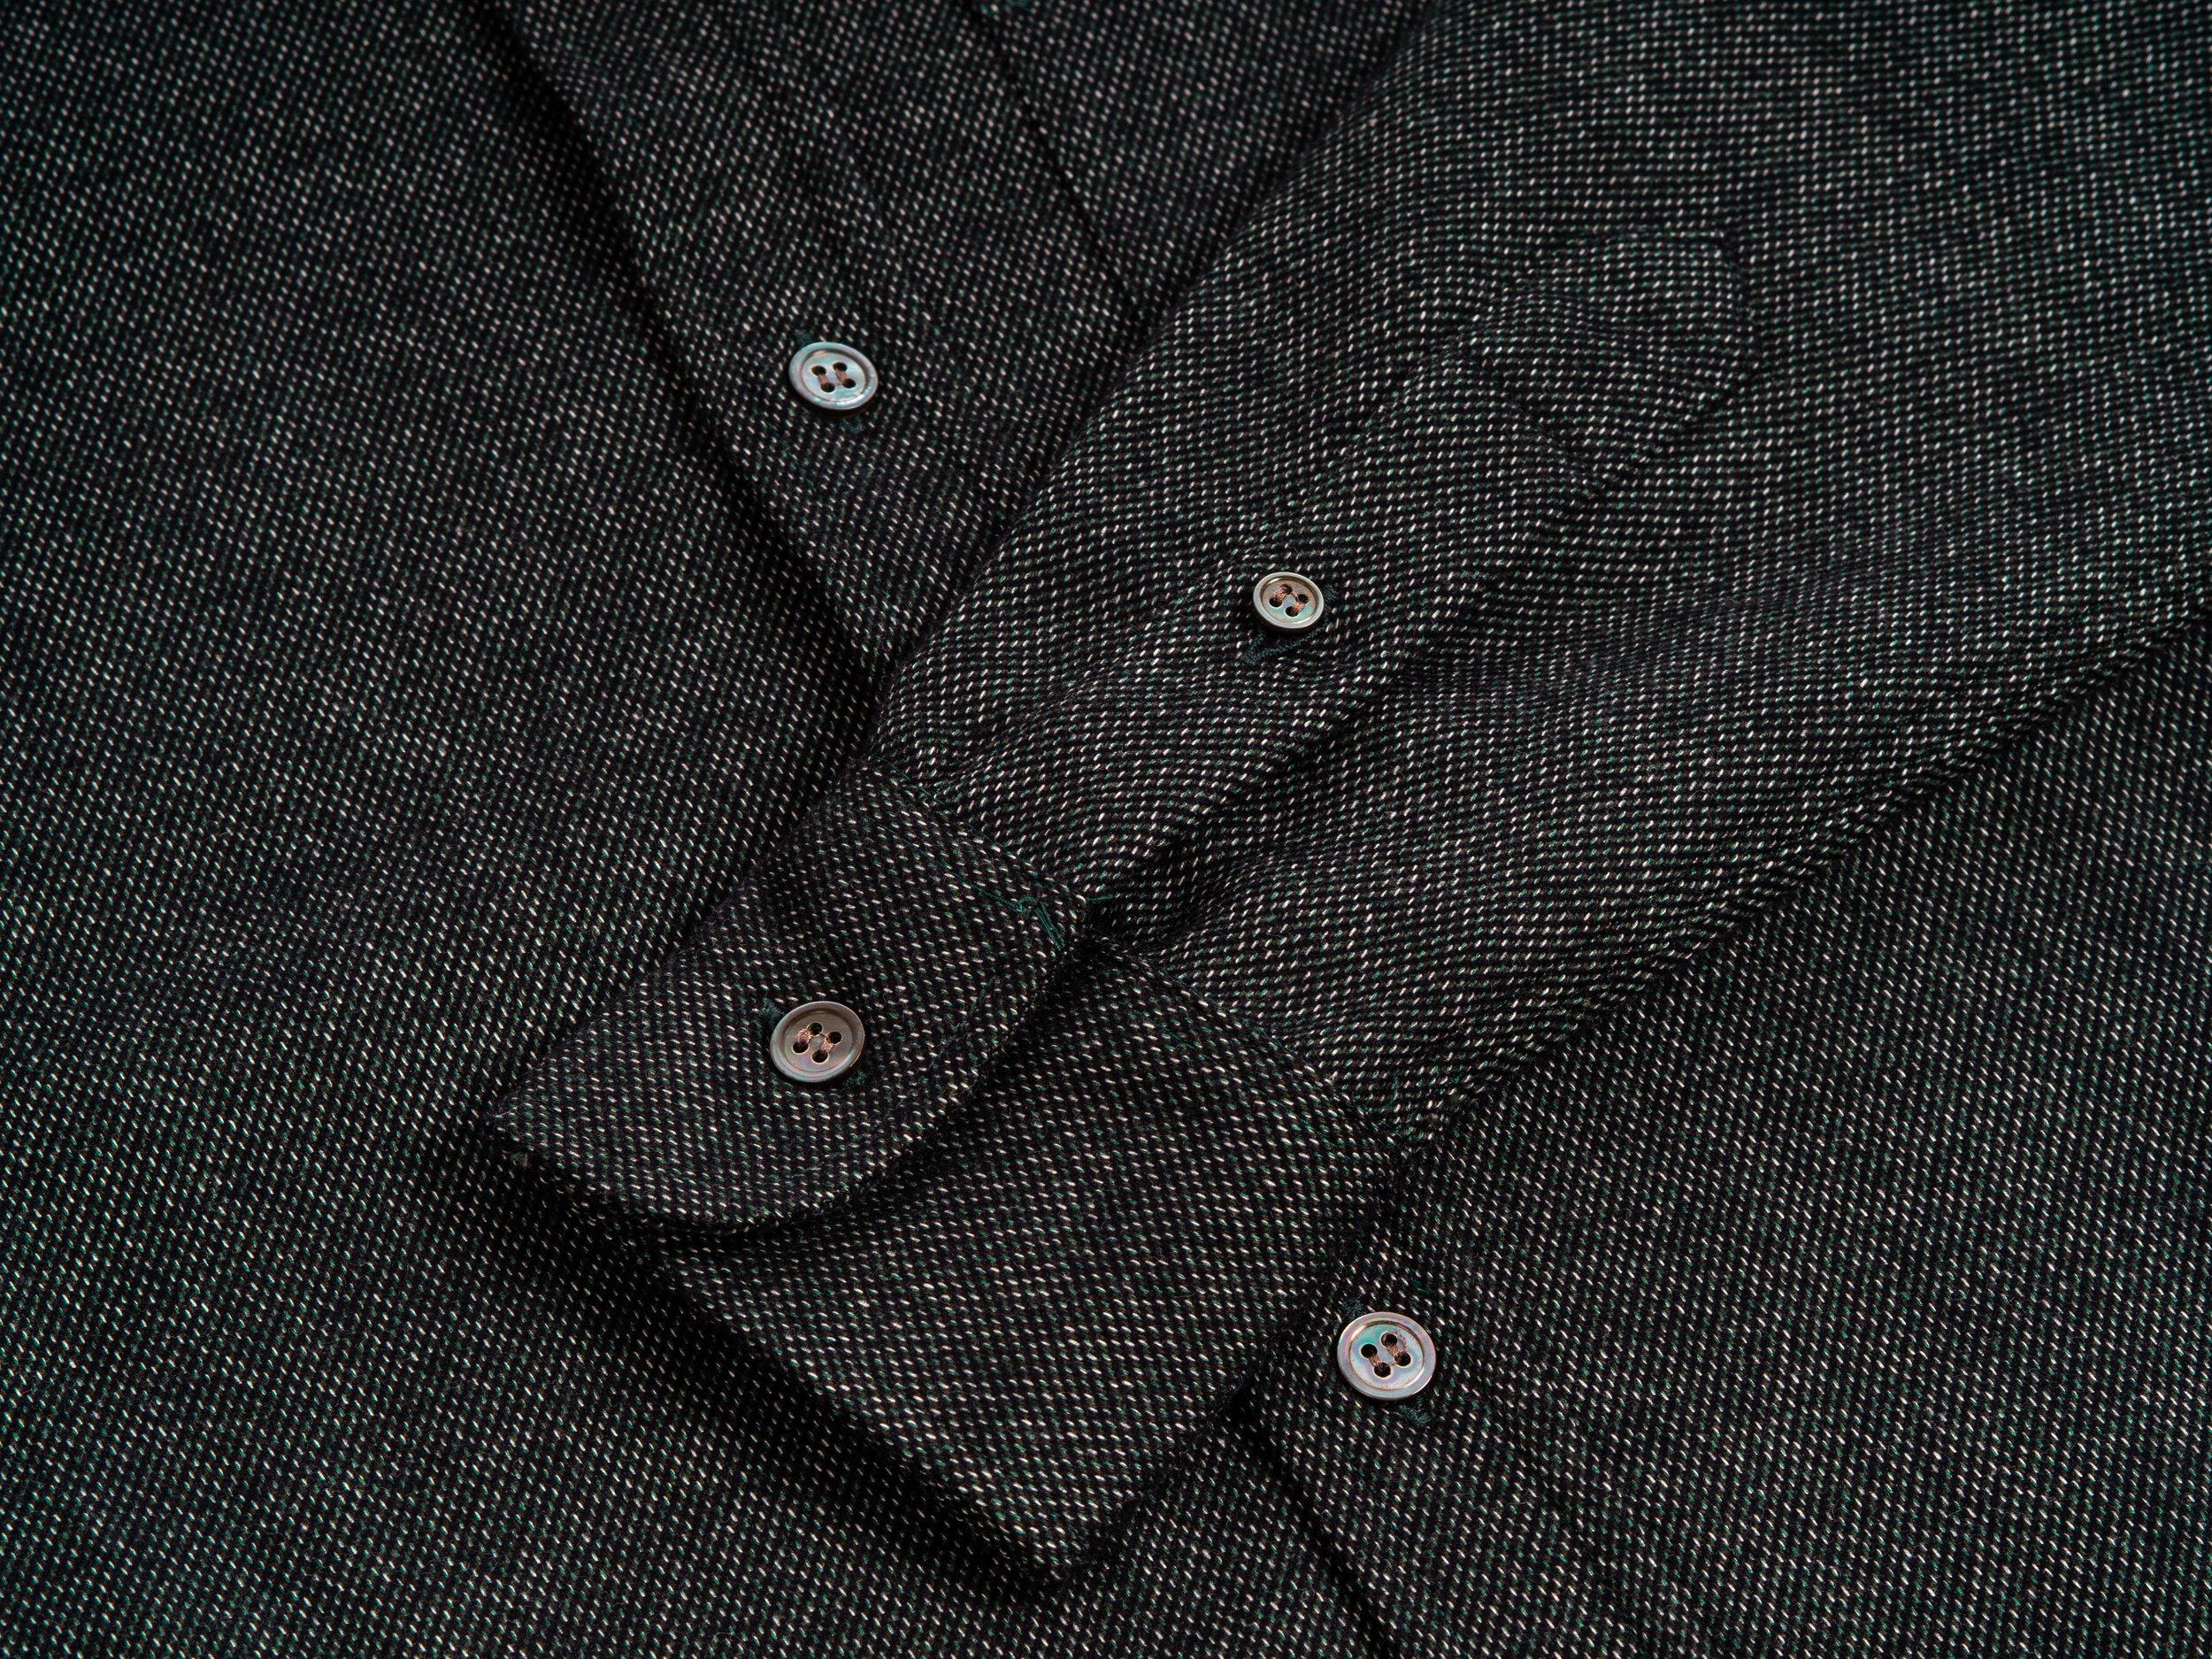 Outclass-AW19-Shirting-PF-11.jpg